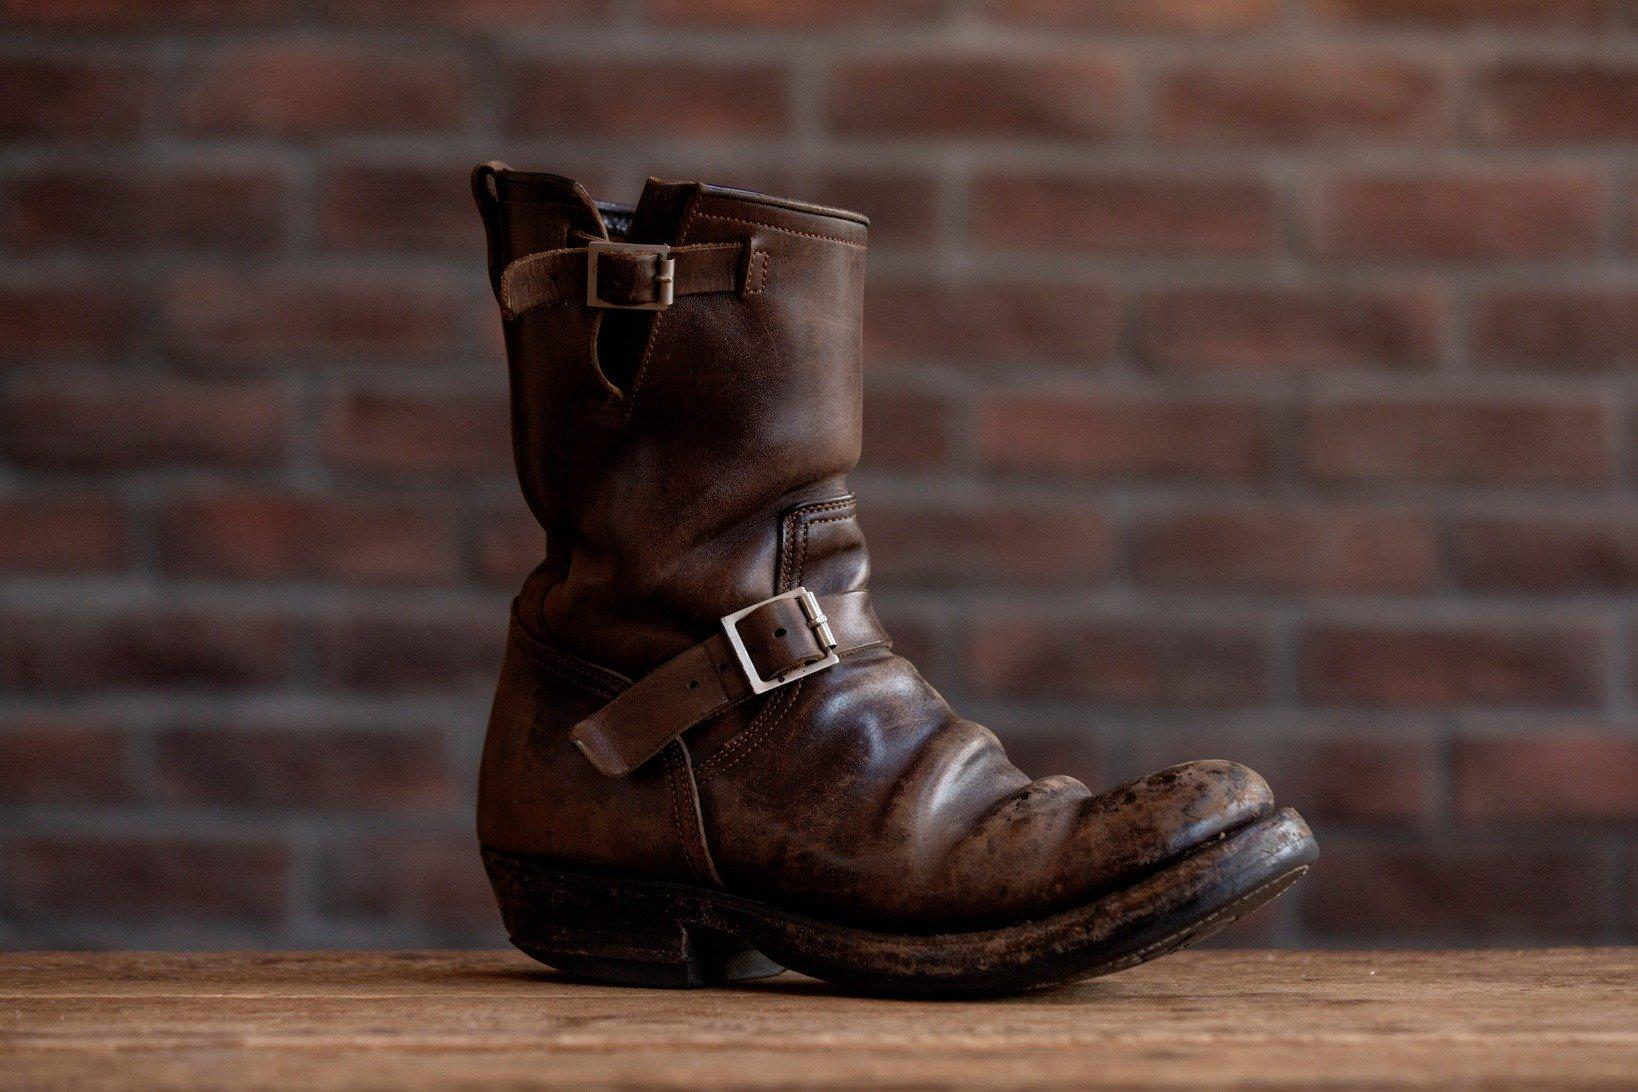 履き込まれたCLINCHの<a href=https://www.brass-tokyo.co.jp/onlineshop/item/clinch-engineer-boots/ target='_blank'>エンジニアブーツ</a>。この皺と色褪せに一目惚れで購入する顧客も多い。